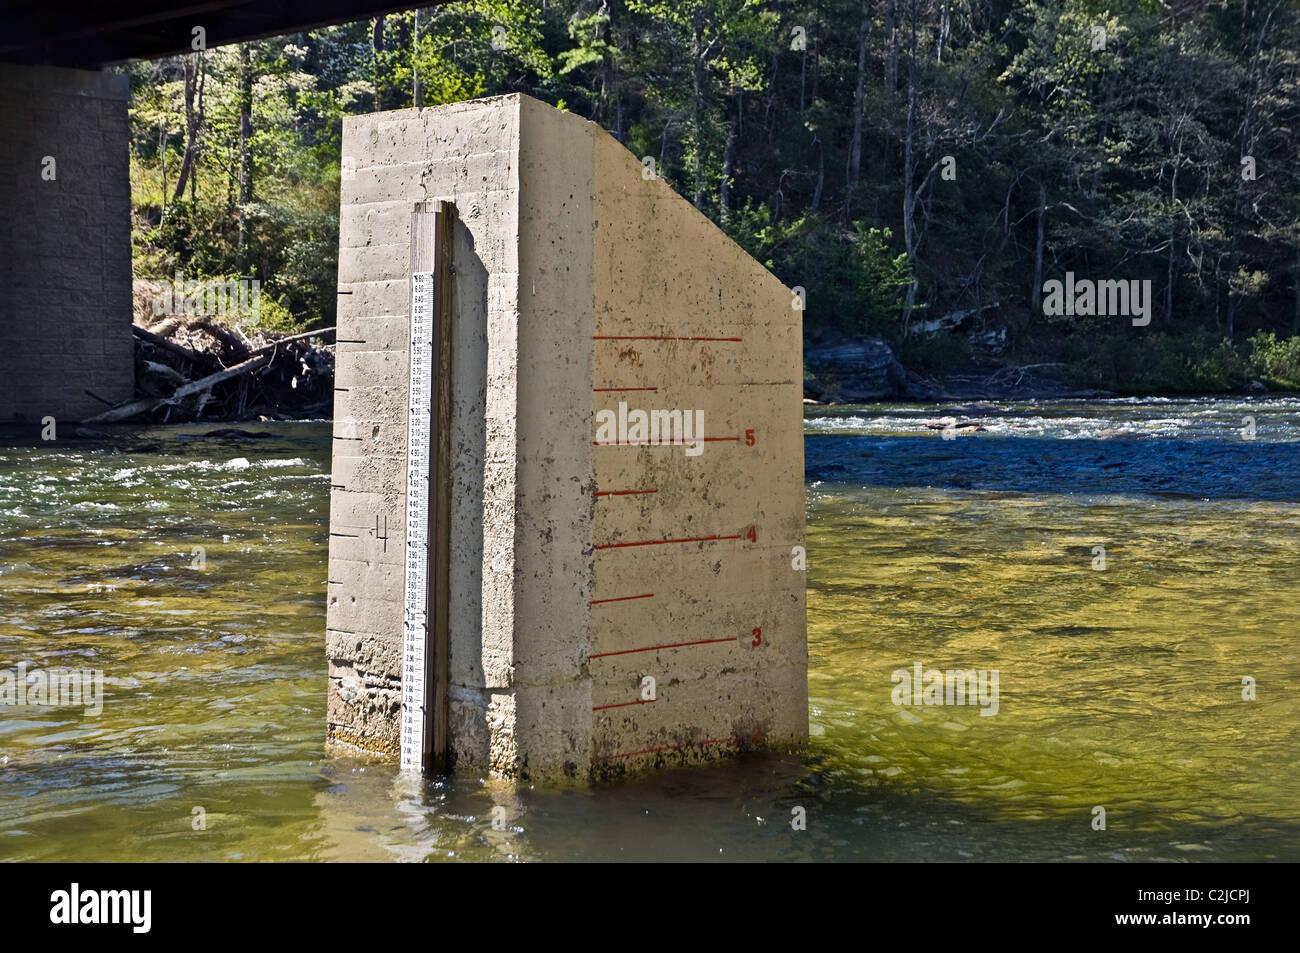 Un misuratore di acqua sui due lati di un blocco di calcestruzzo in un fiume. Utilizzato da kayakers e travi a vista. Immagini Stock